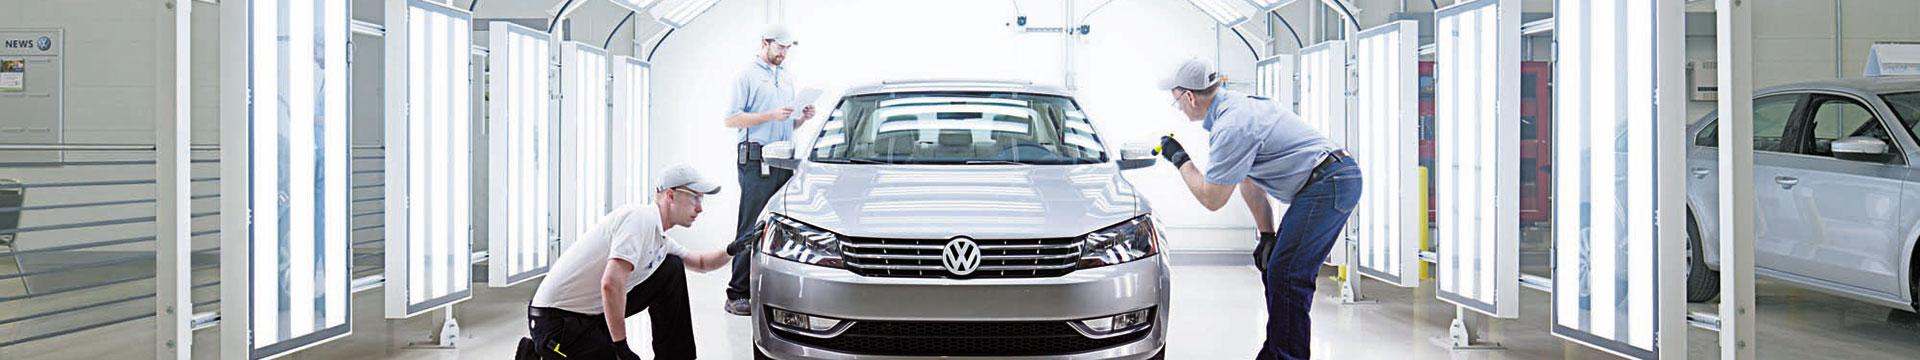 Έκπτωση Συντήρησης Αυτοκινήτου - Audi, Volkswagen, Skoda